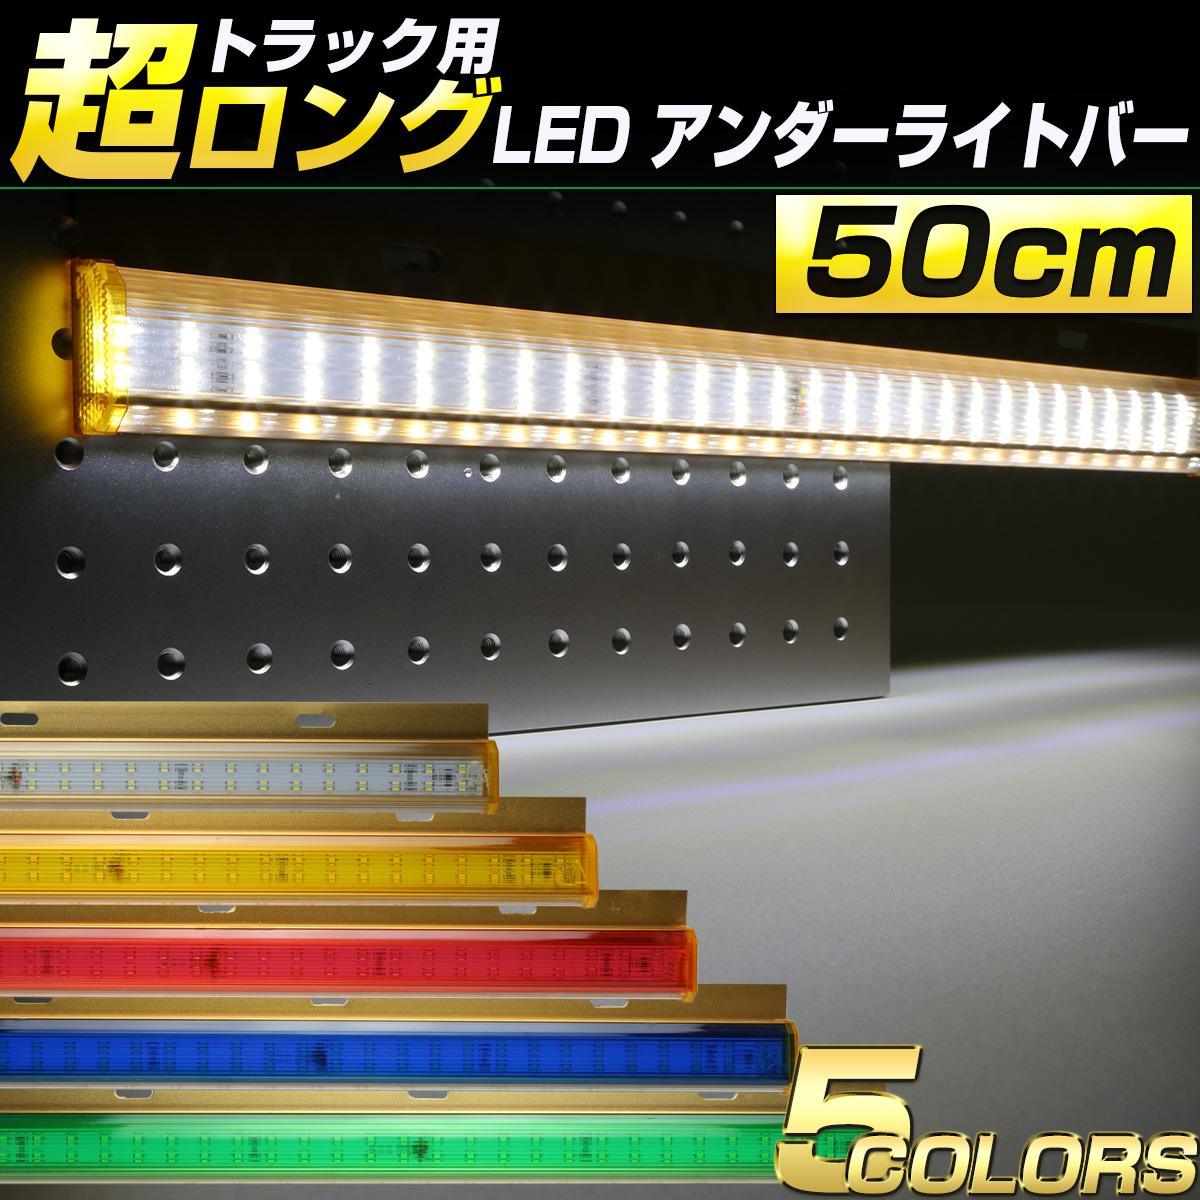 超ロング50cm トラック用 LED アンダーライト アンダーネオン 照明に ステー付き 24V F-348~F352